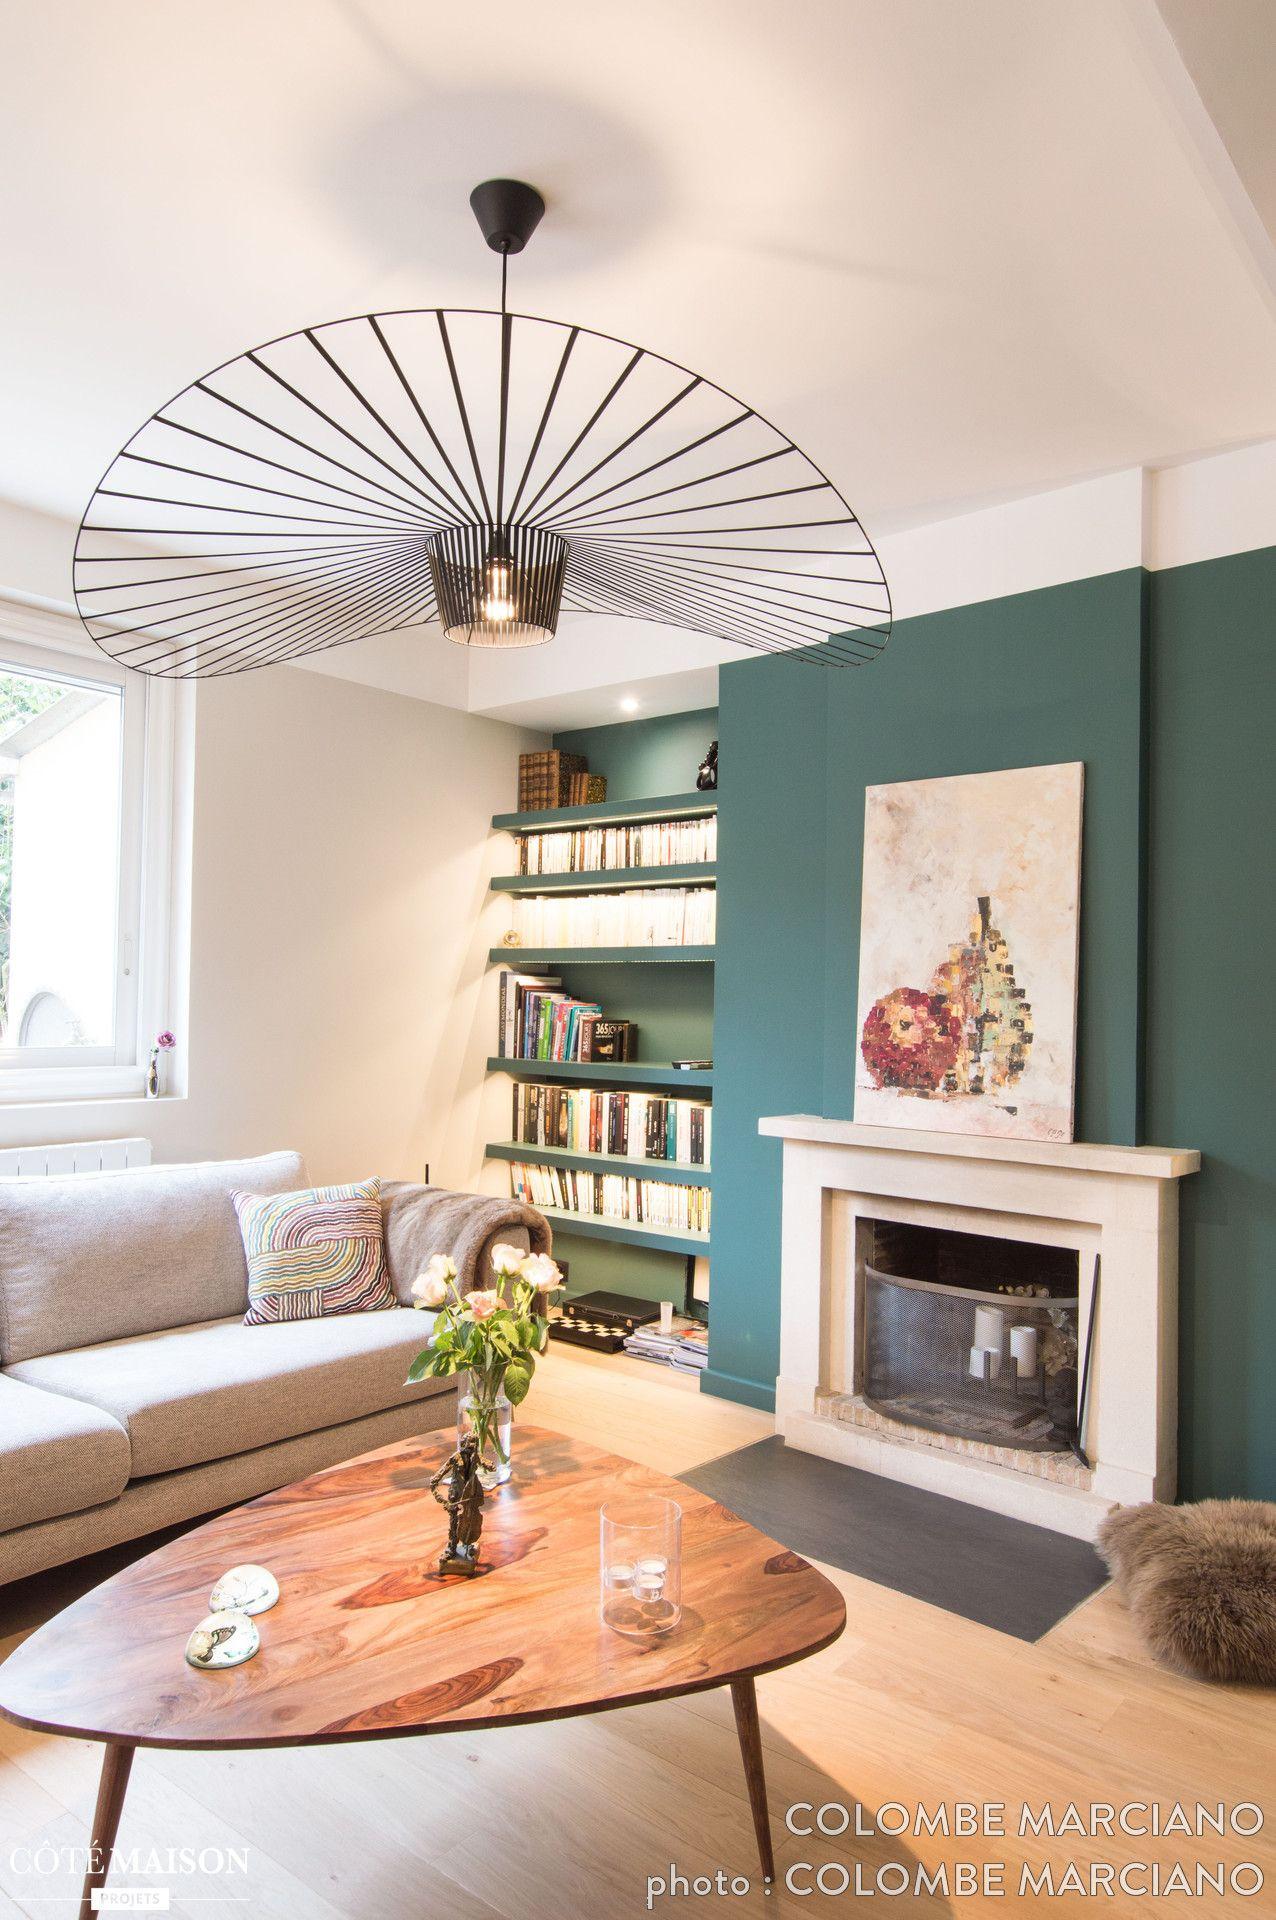 C 39 est un magnifique int rieur lumineux frais et tendance qui a pris place dans cette ravissante - Deco cheminee interieur ...